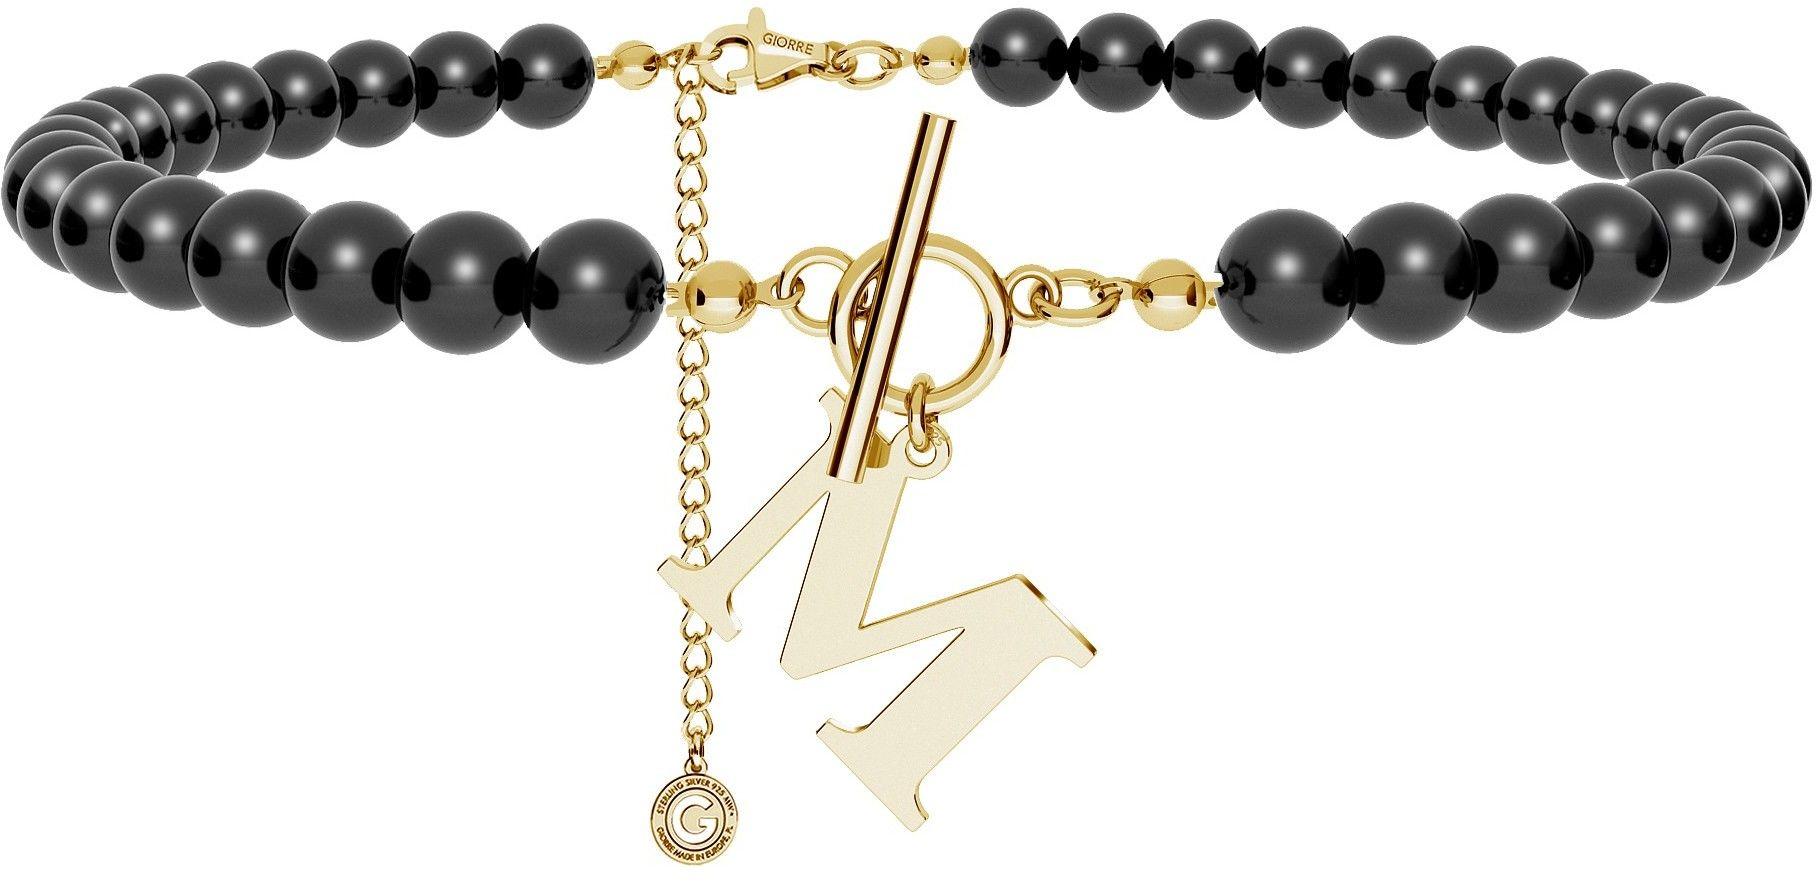 Czarny perłowy choker z dowolną literą, Swarovski, srebro 925 : Litera - S, Srebro - kolor pokrycia - Pokrycie platyną